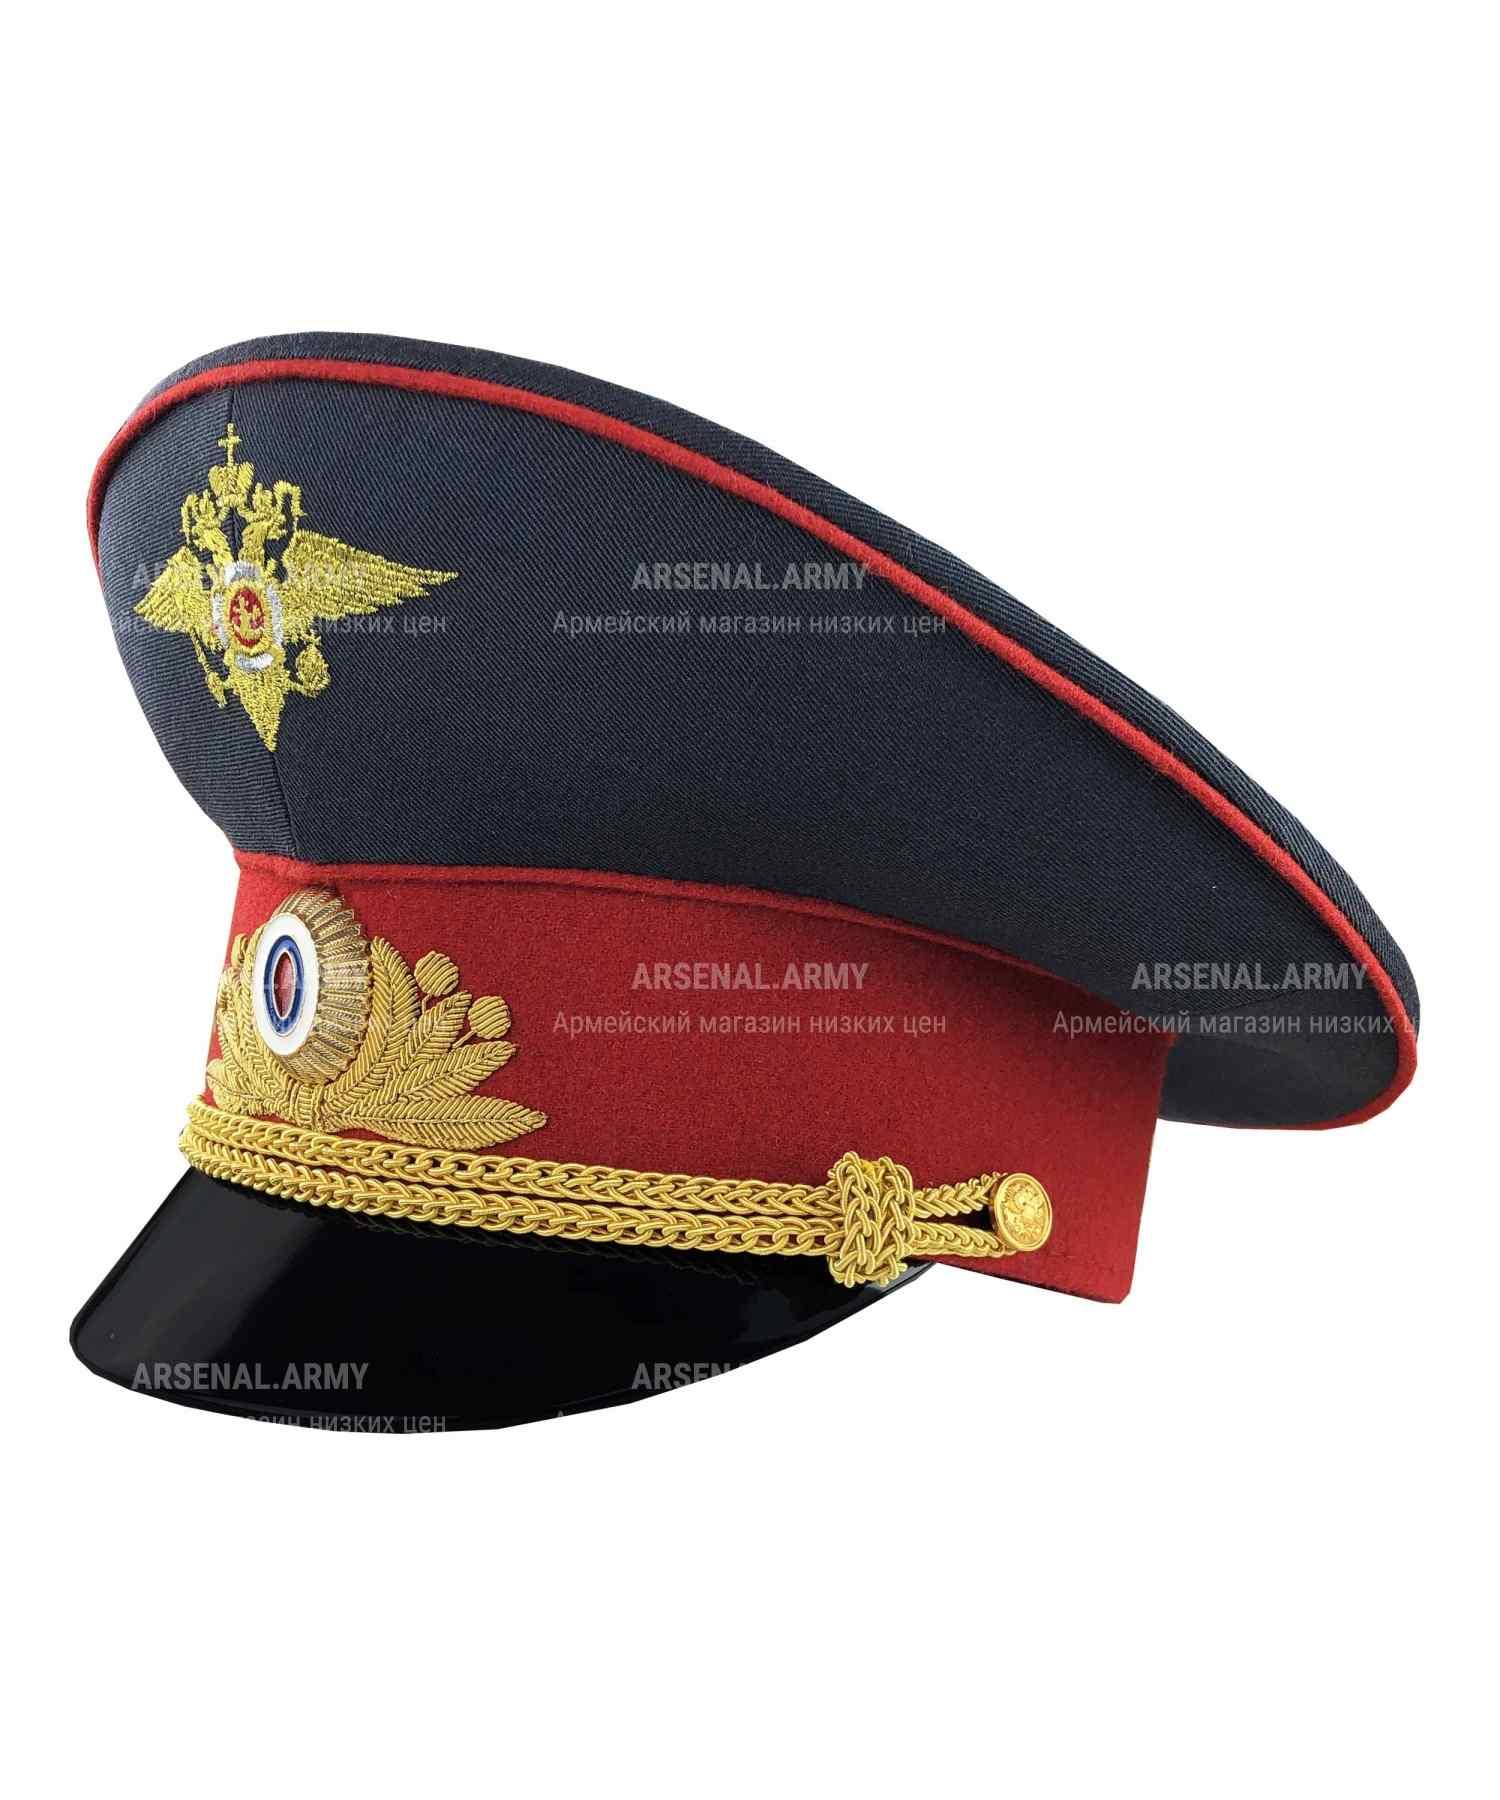 Фуражка МВД генеральская старого образца